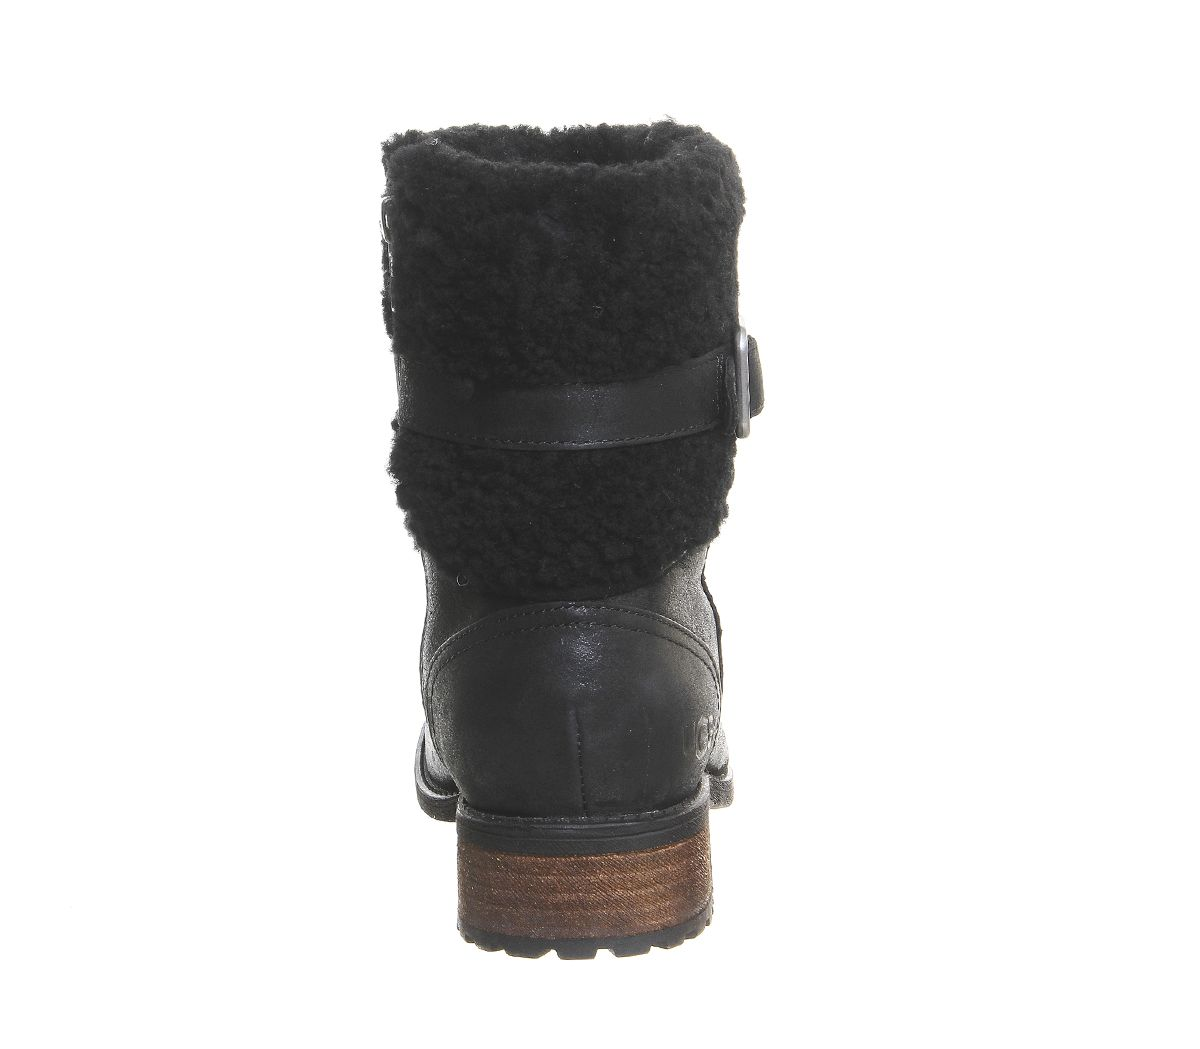 286aaa2fa3d Blayre II Shearling Boots